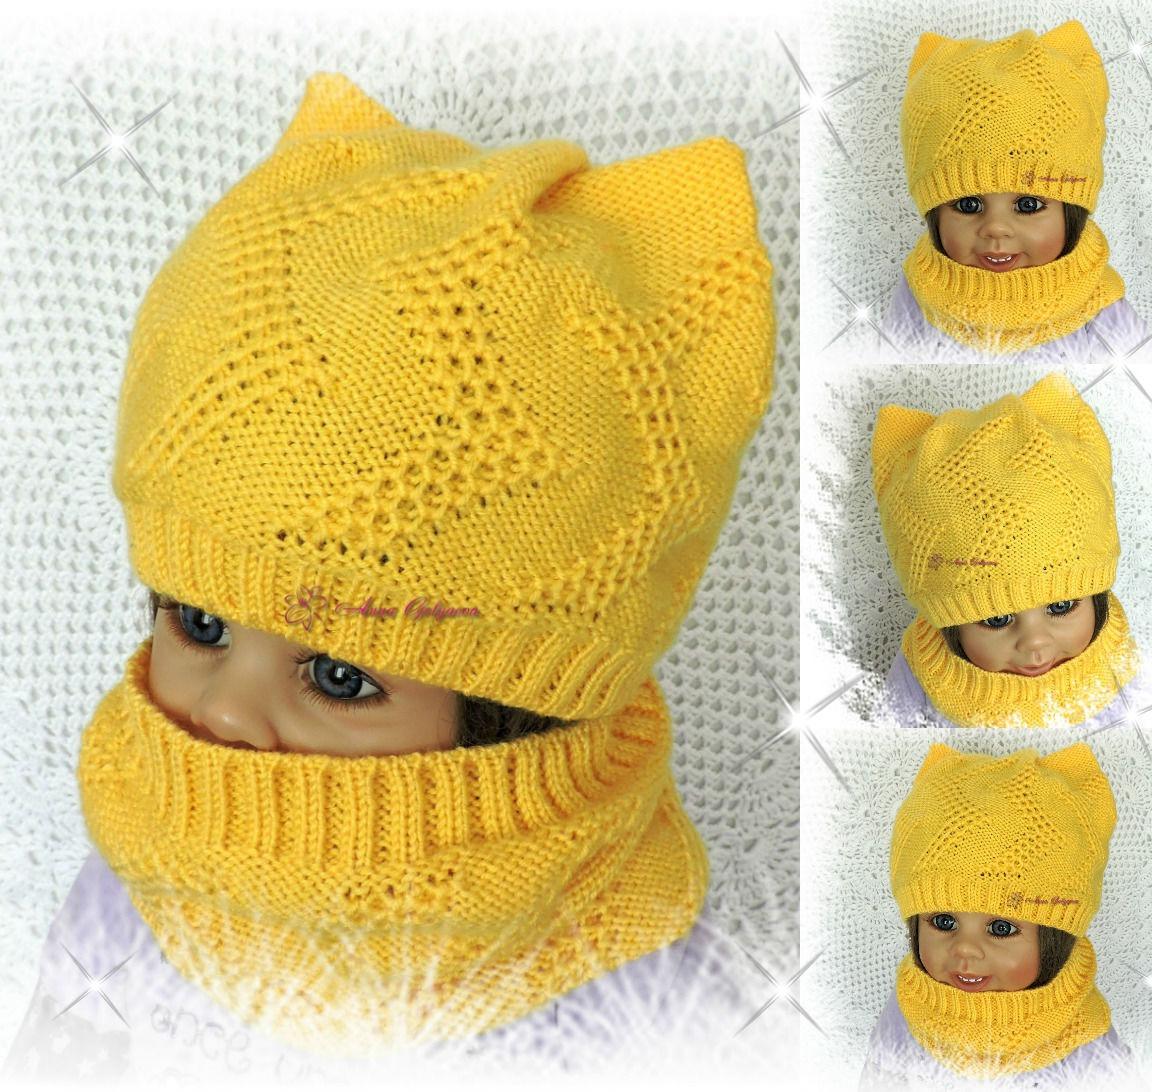 Теплая детская шапка с ушками вязаная спицами для мальчика 73